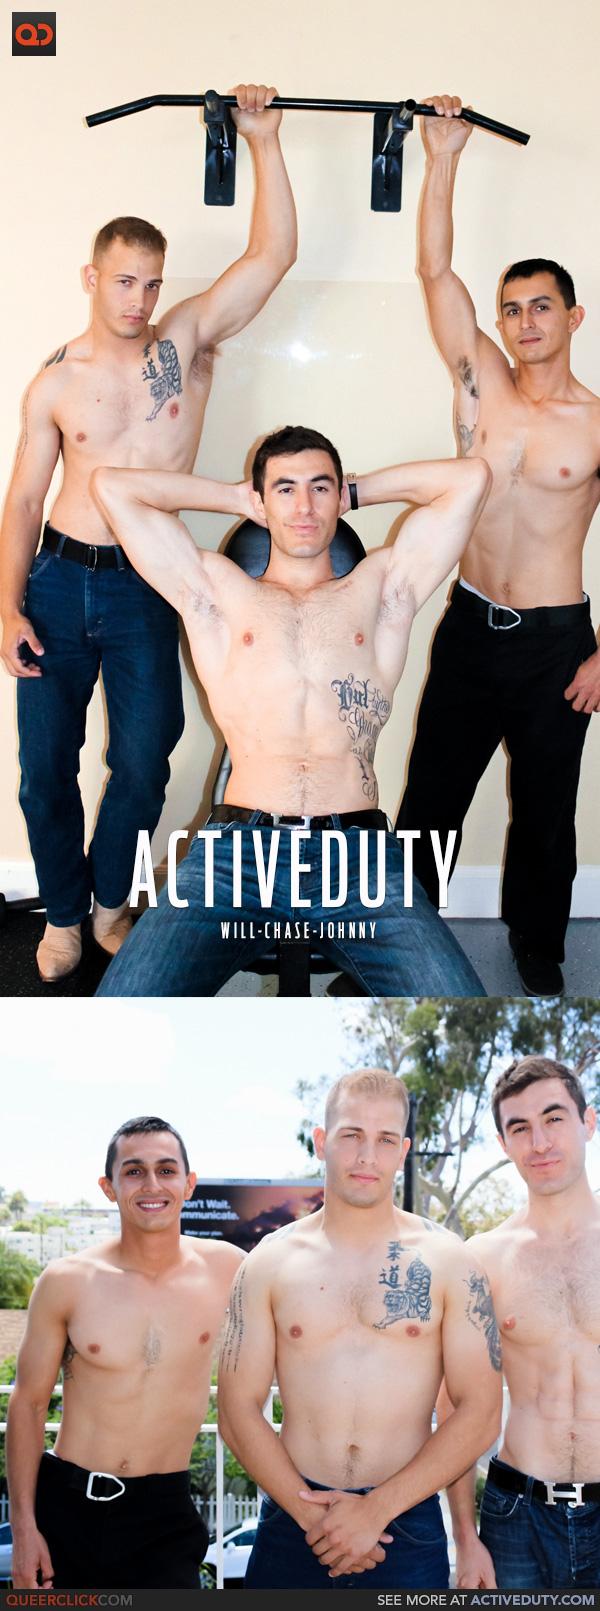 activeduty-will-chase-johnny